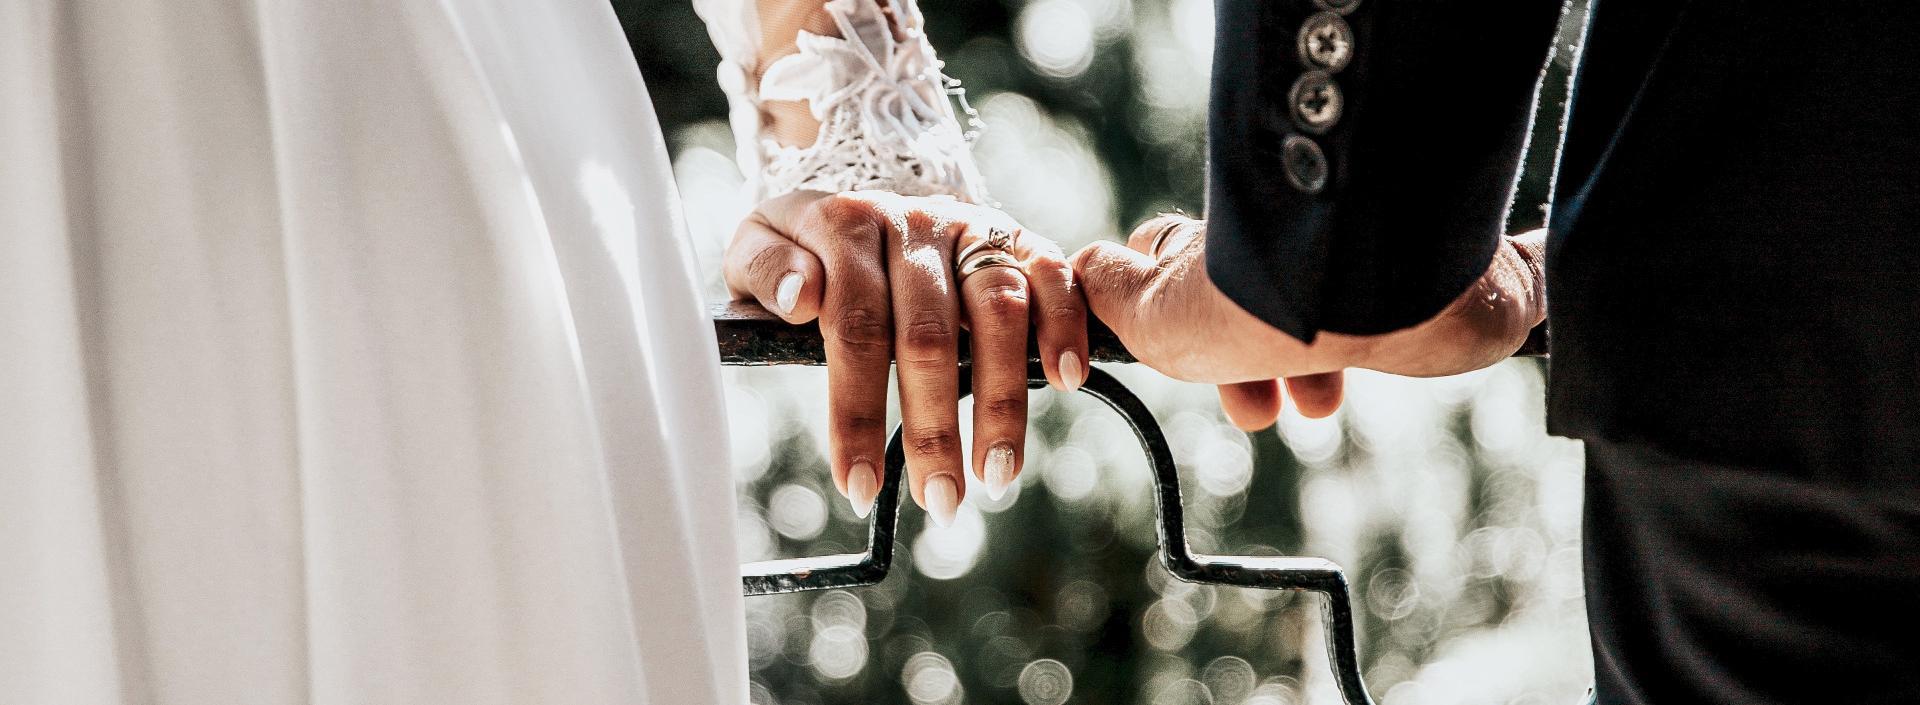 Svatba 2021 - Fotografie skupiny